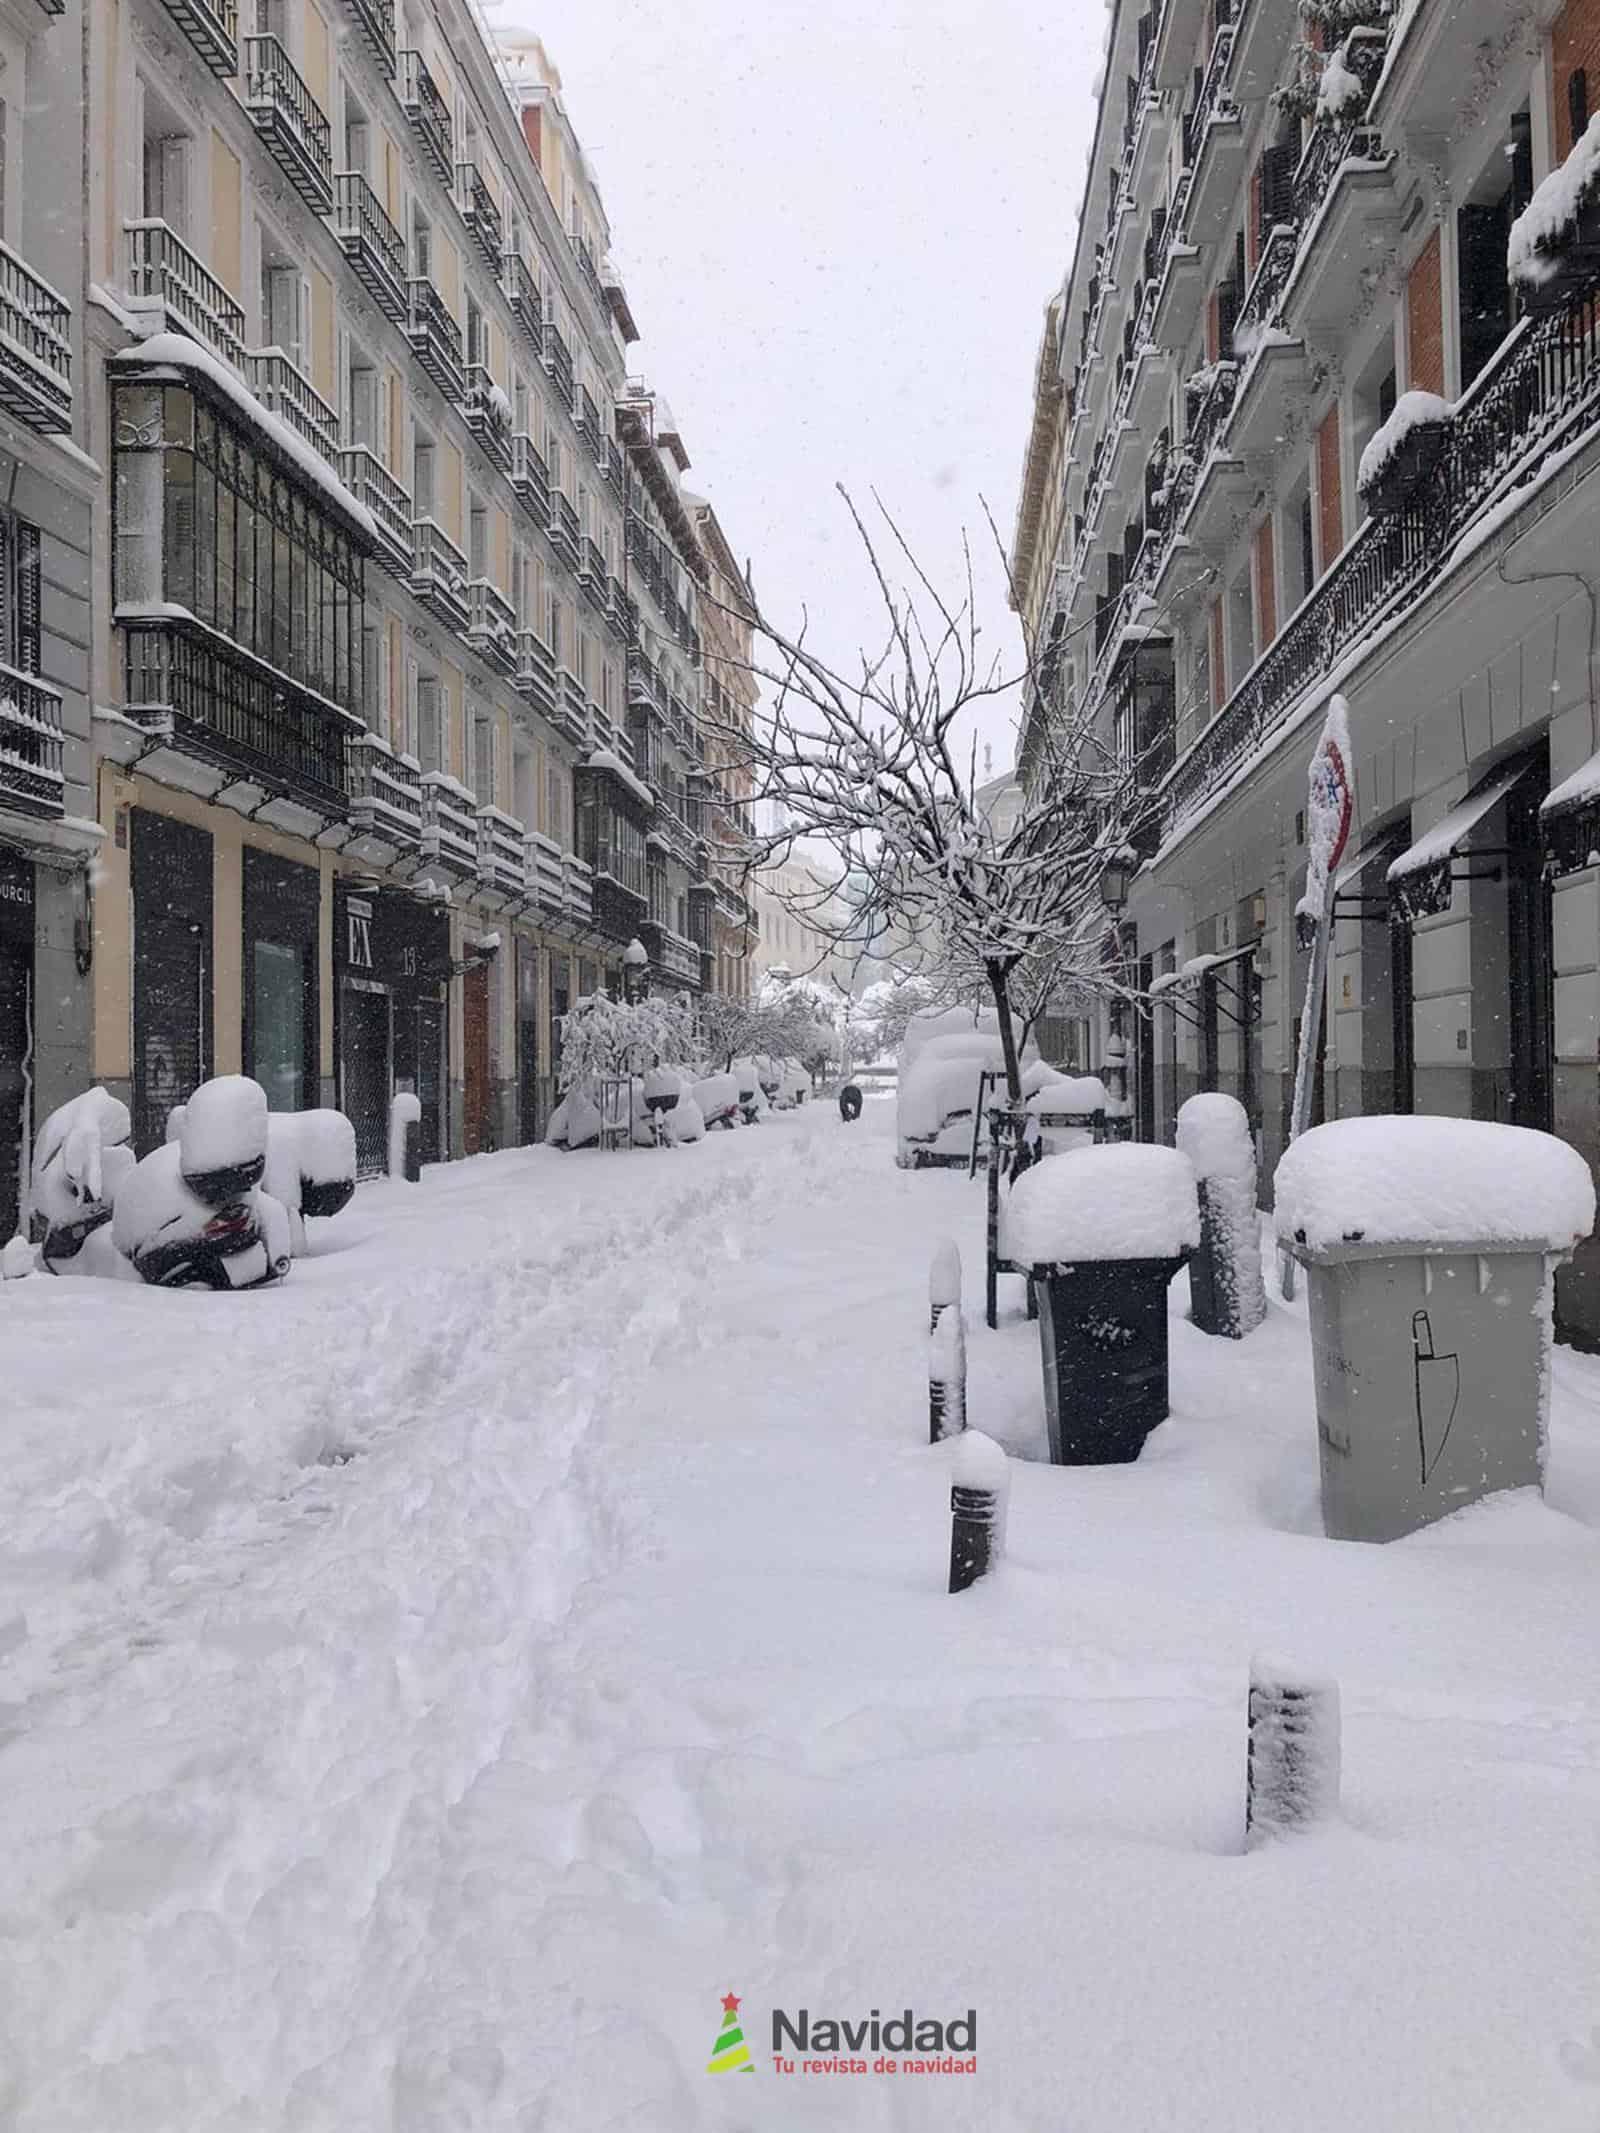 Fotografías de la nevada de enero en Madrid (España) 151